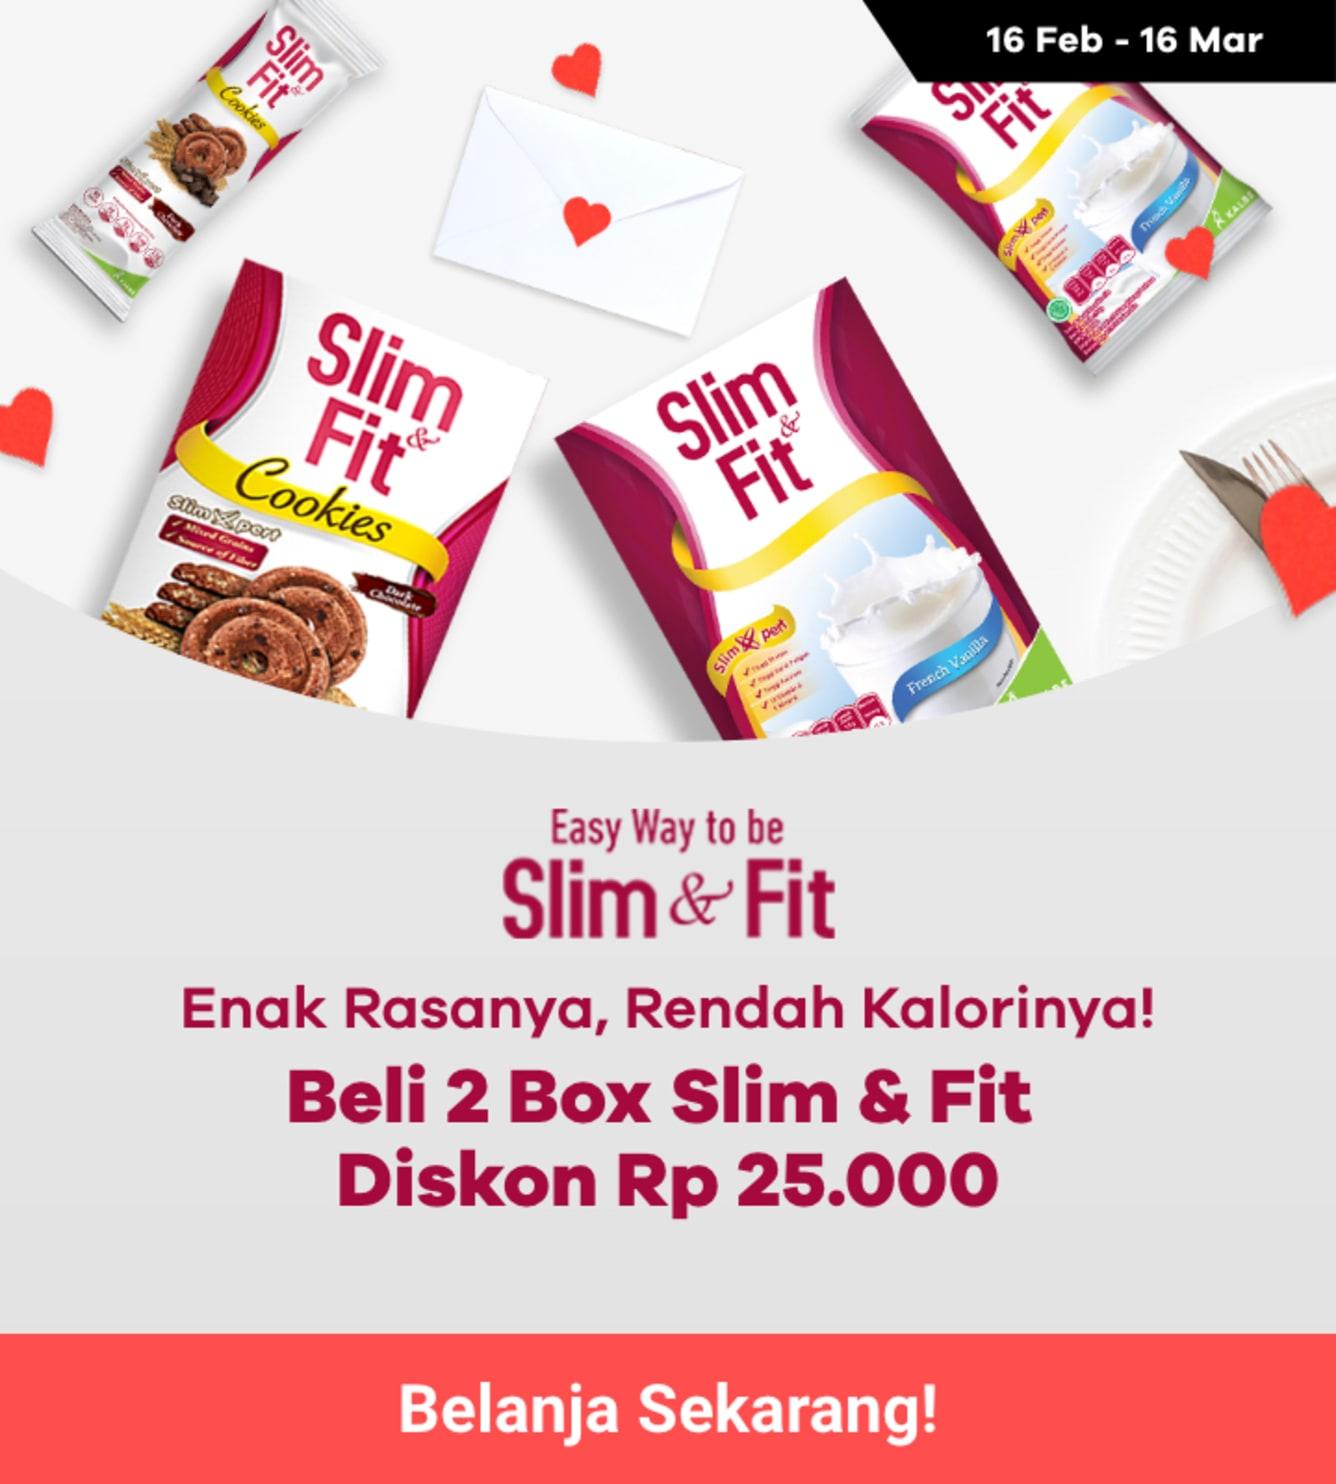 Week 8 - Promo Slimfit